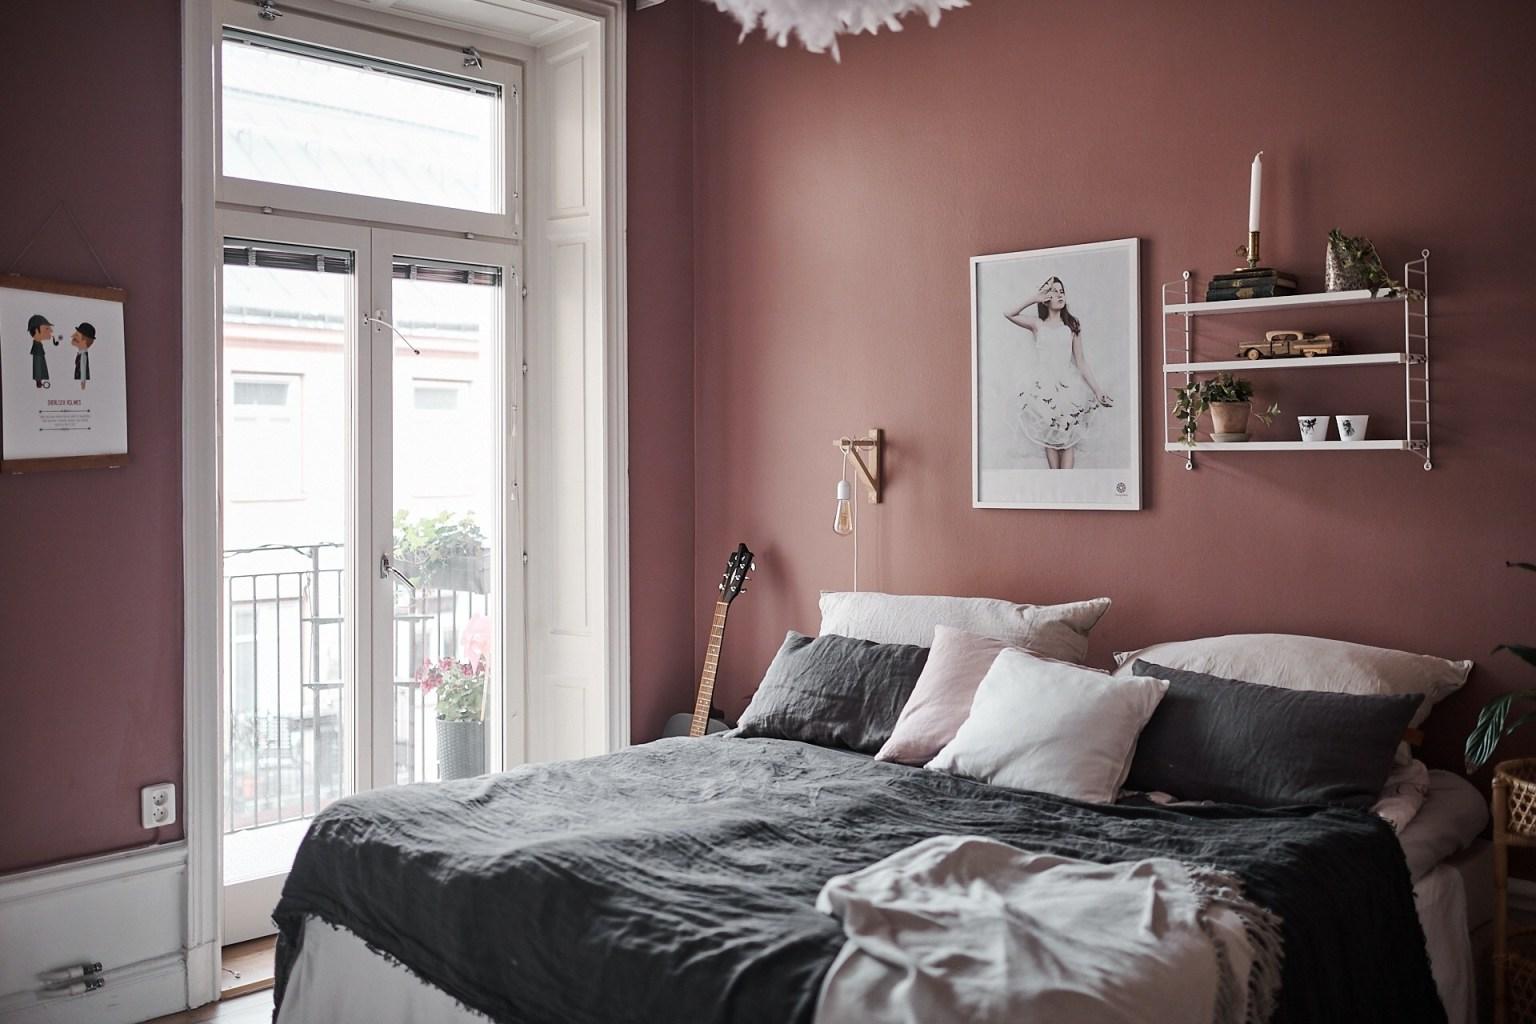 Căn hộ 58m² đẹp tinh tế nhờ phối màu tinh tế theo phong cách Scandinavian - Ảnh 10.